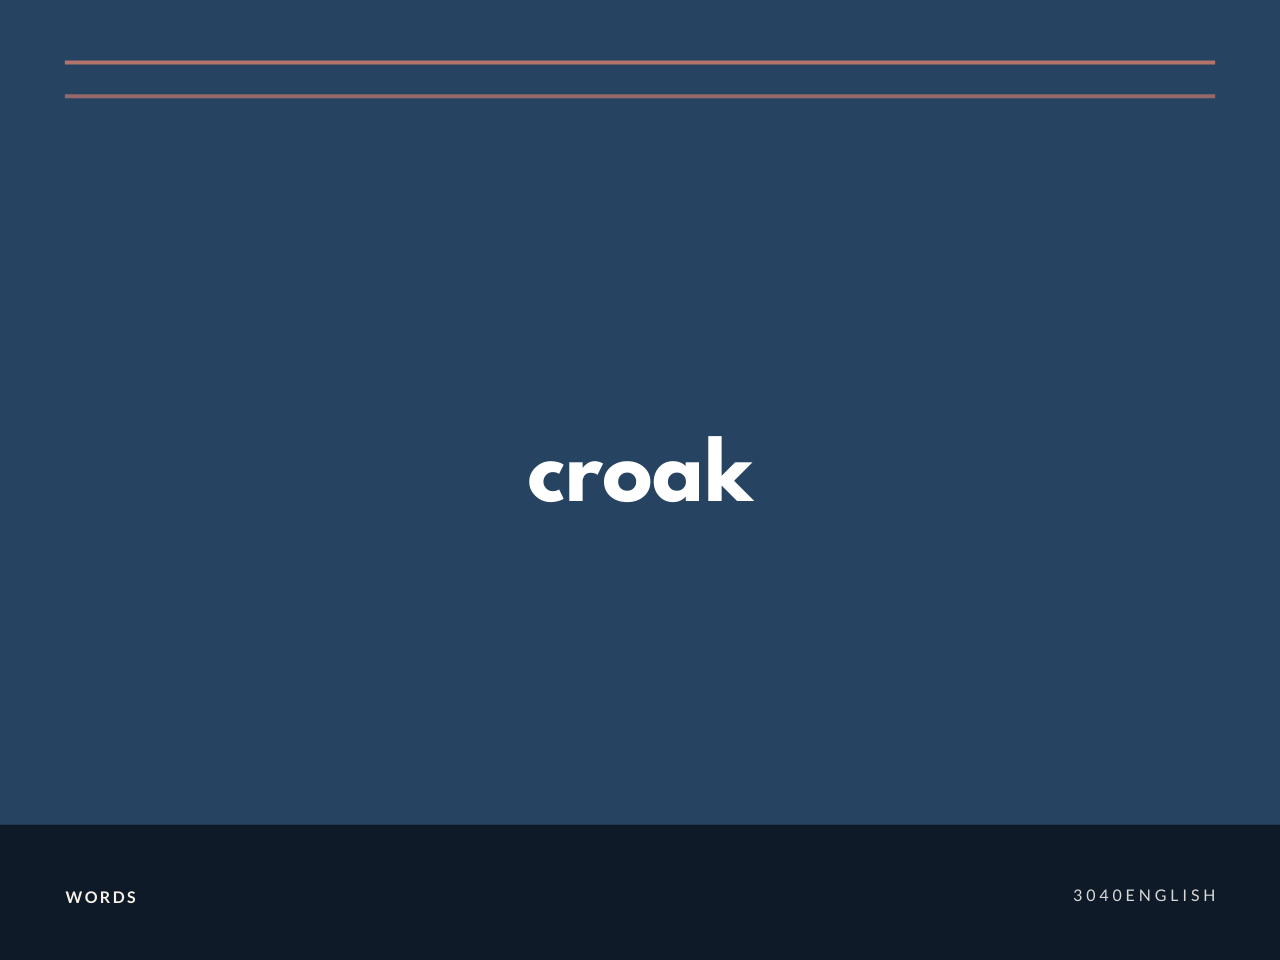 croak の意味と簡単な使い方【音読用例文あり】